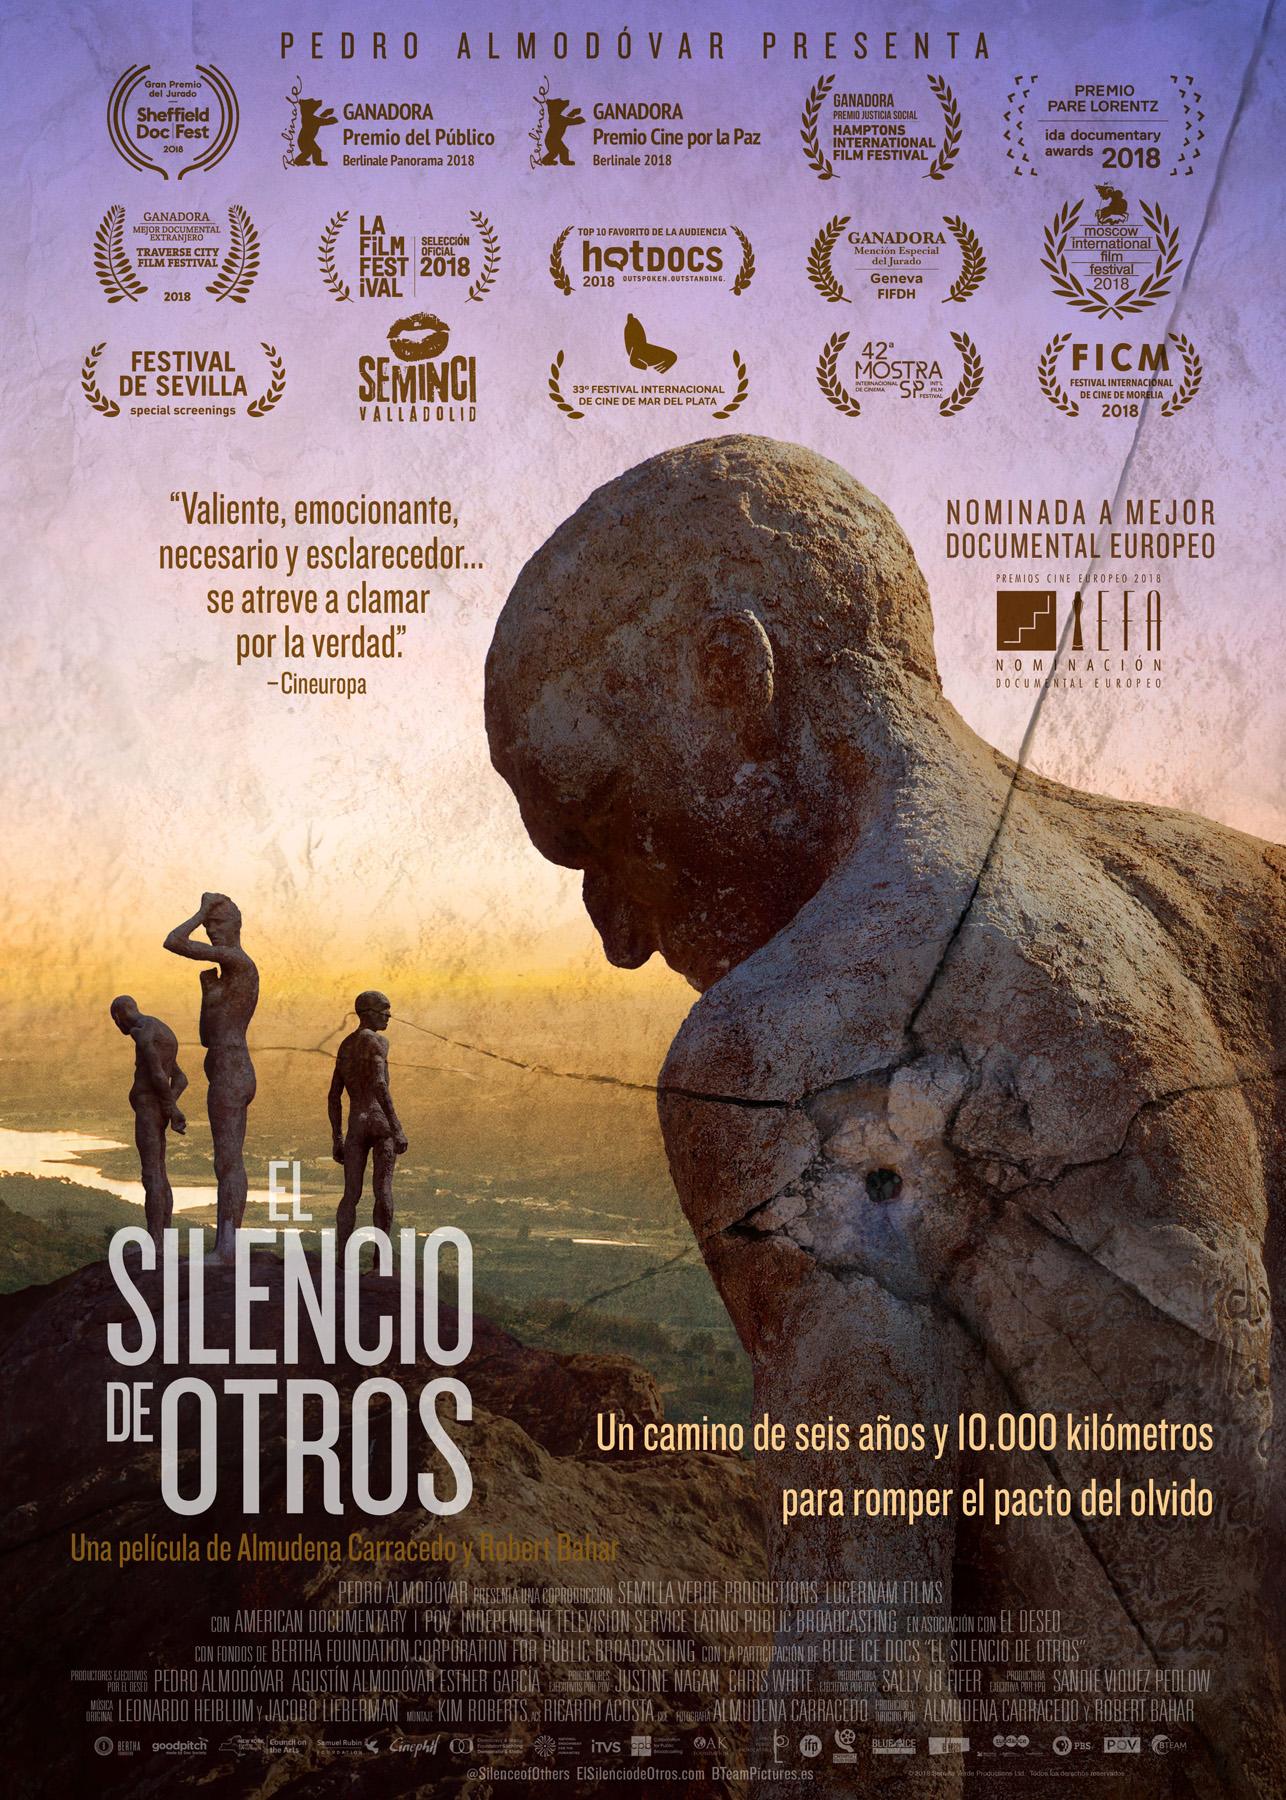 Cartel del documental El silencio de los otros